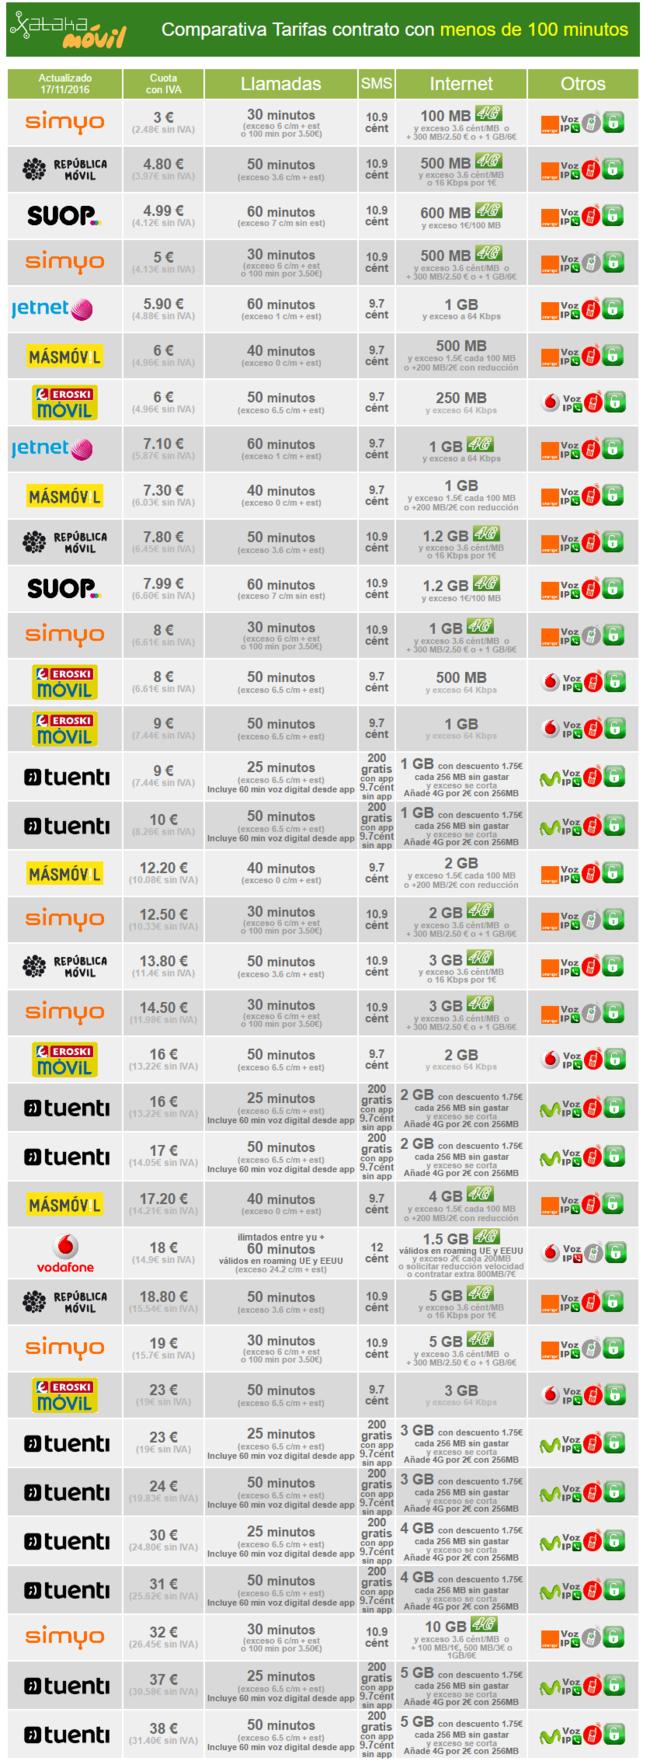 Comparativa Tarifas Contrato Con Bono De Minutos Menor De 100 Minutos